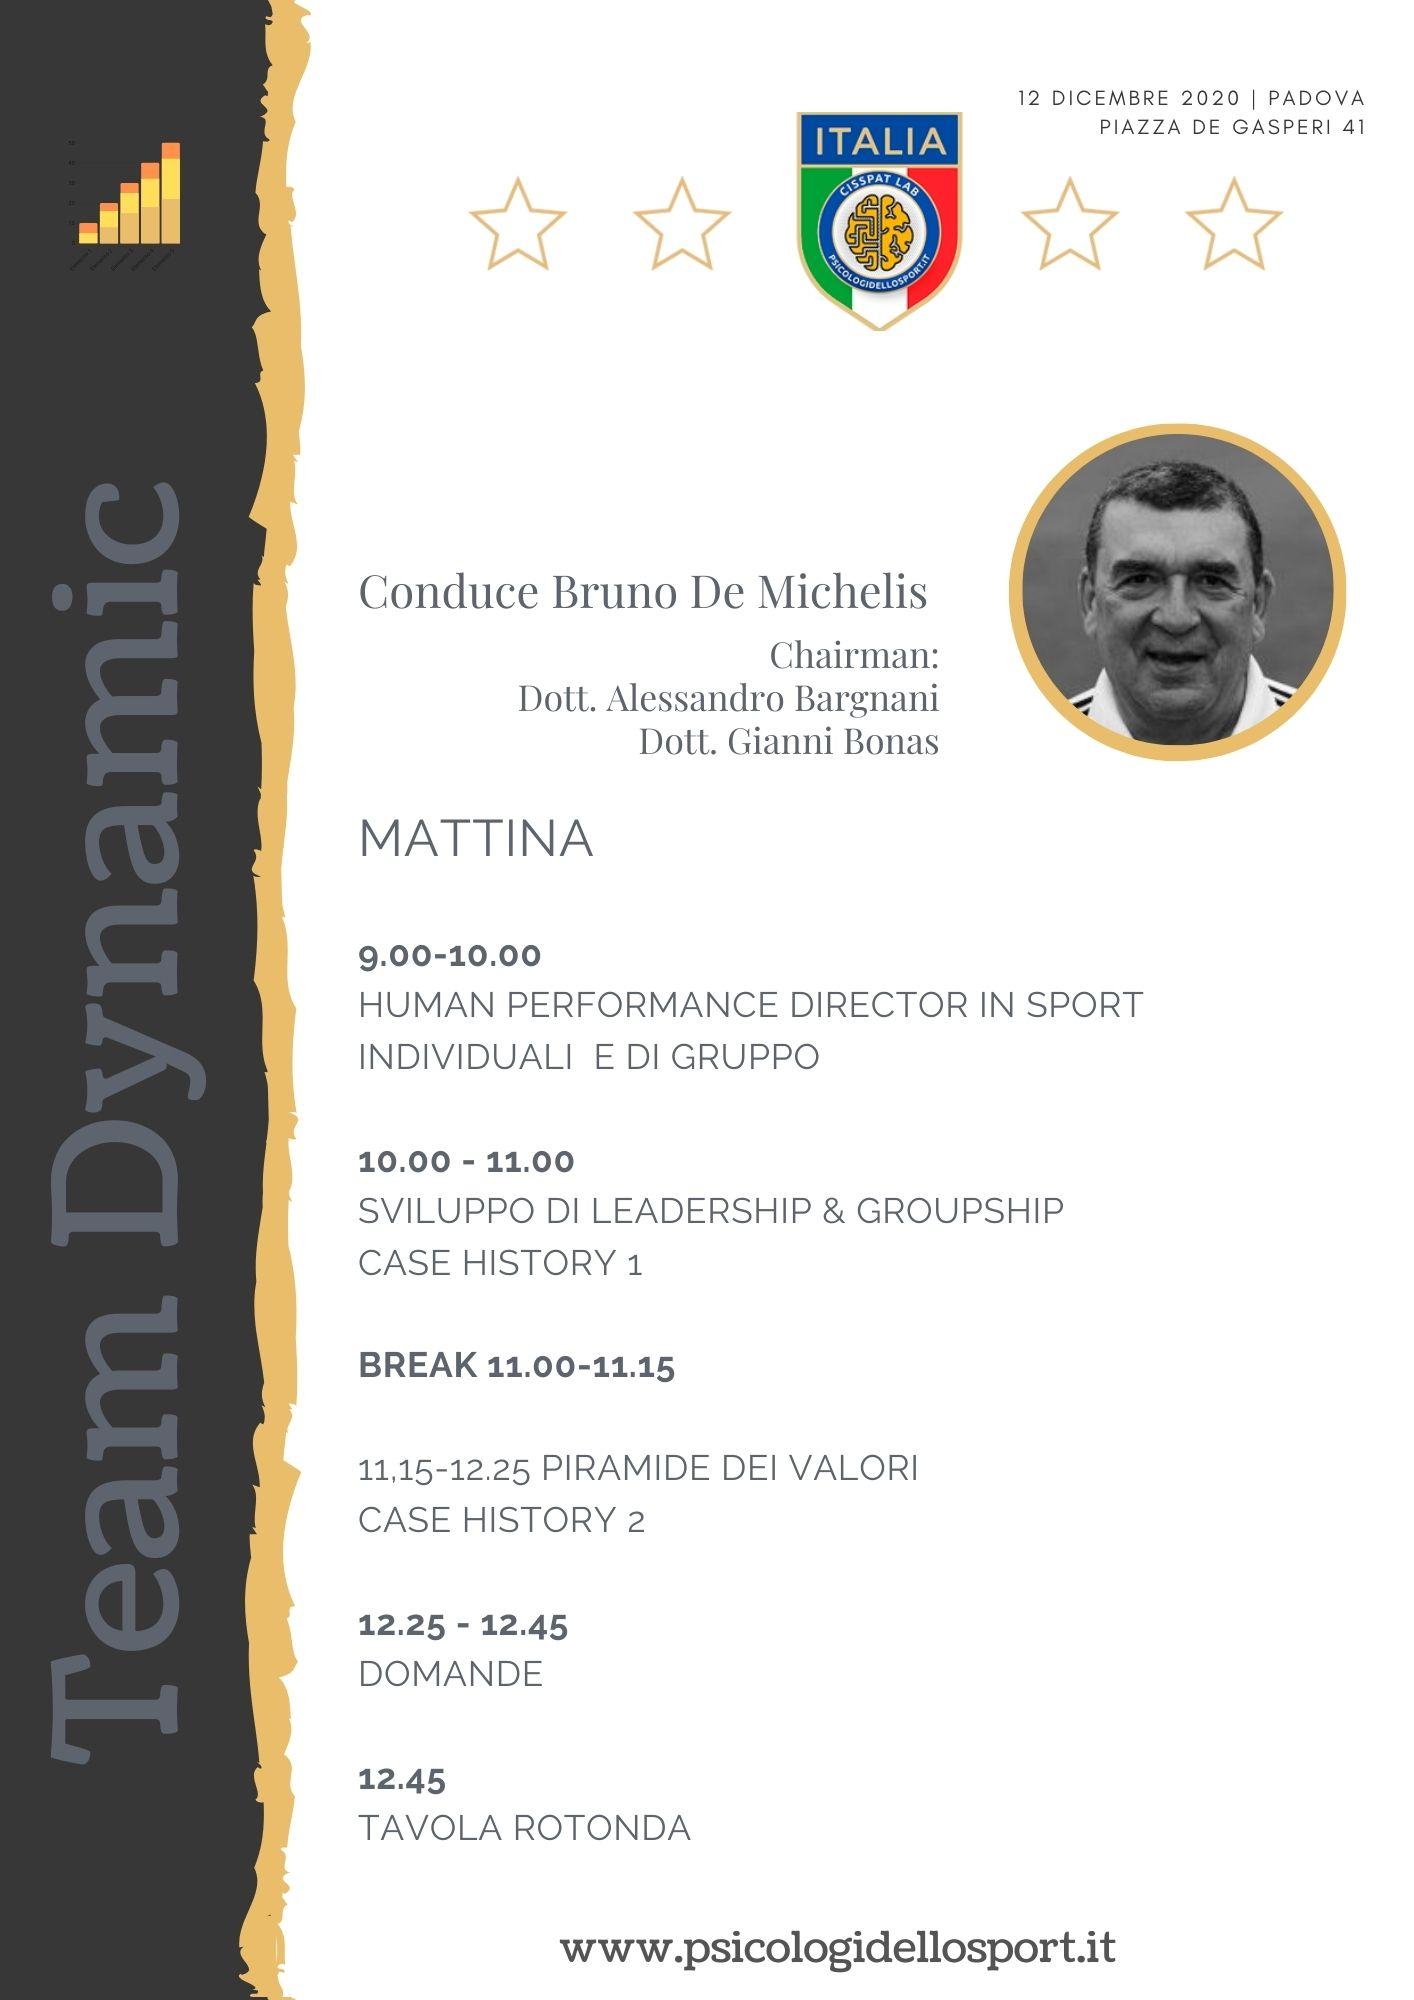 3 congresso workshop team dynamics bruno de michelis psicologi dello sport psicologia applicata alessandro bargnani gianni bonas